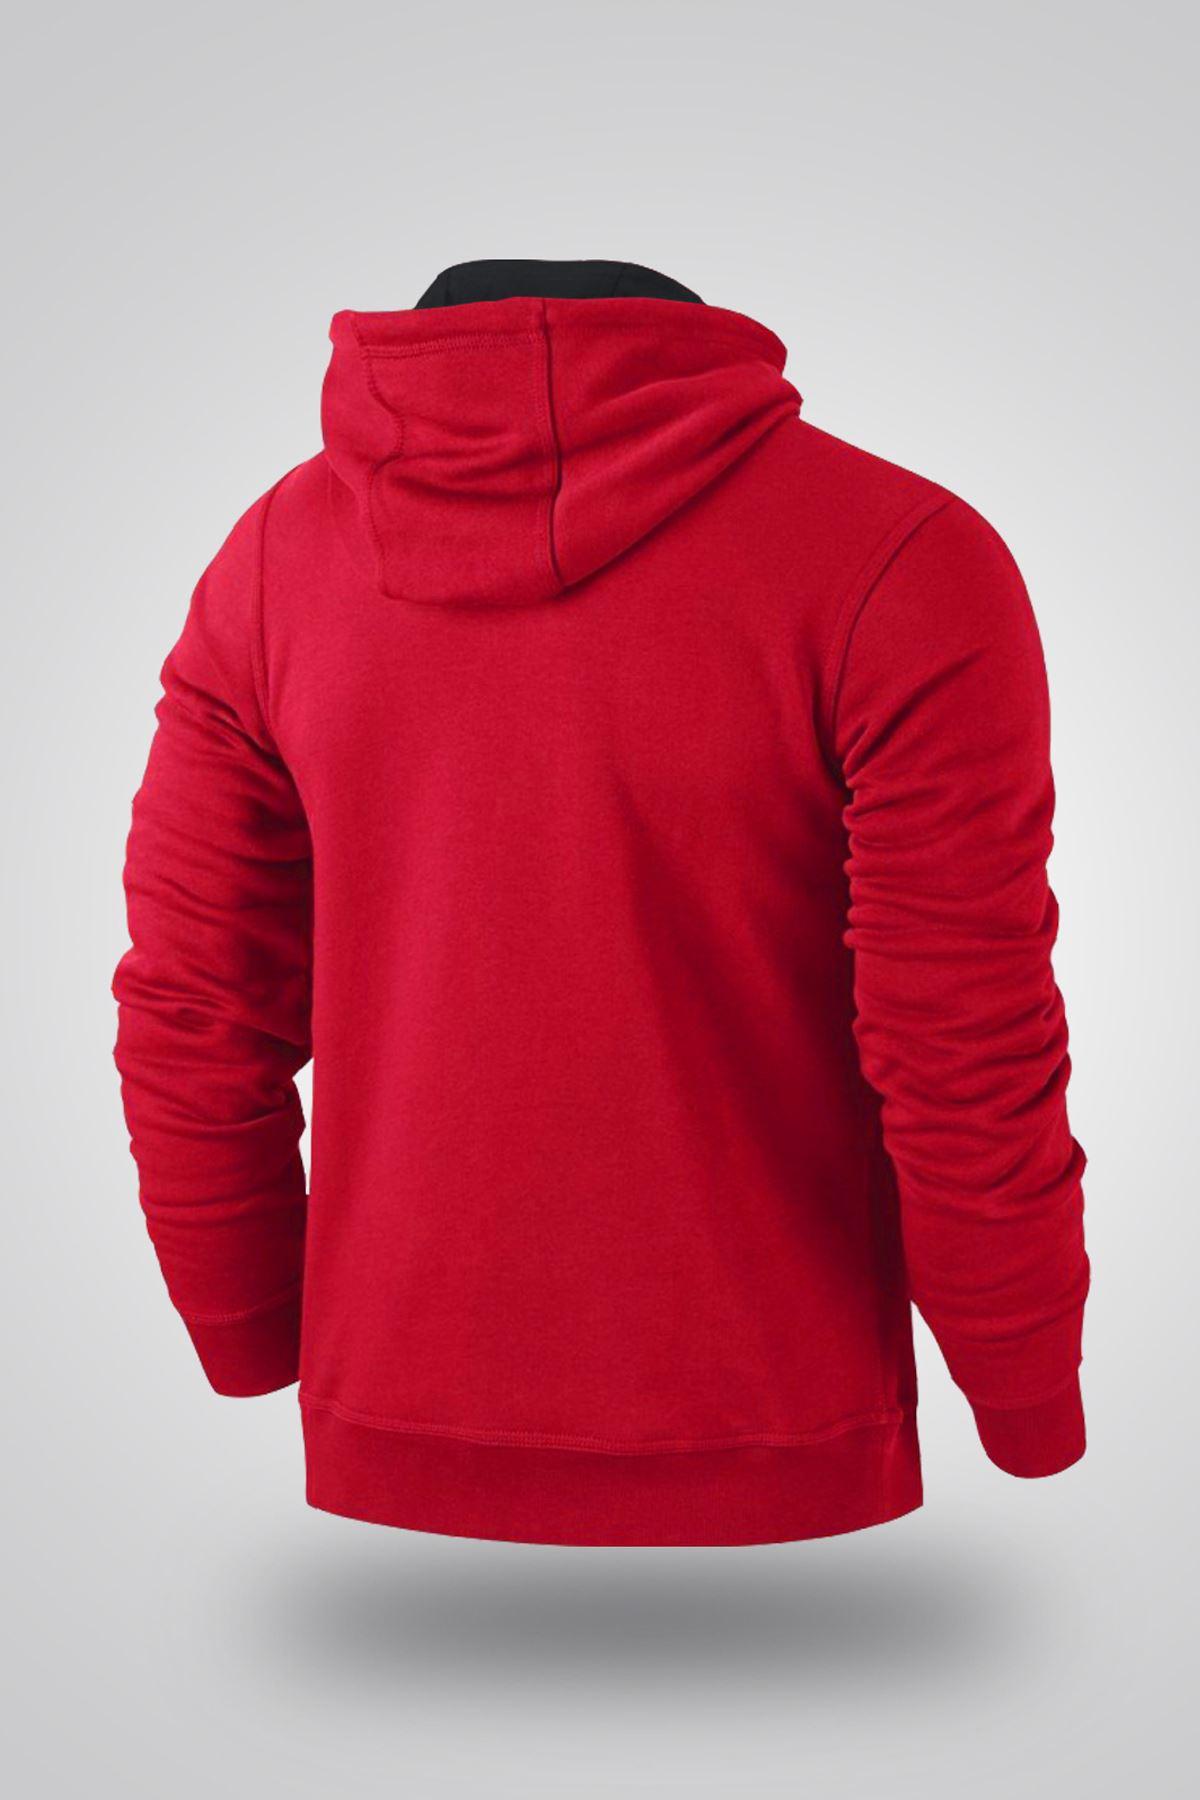 Air Jordan 06 Kırmızı NBA Erkek Kapşonlu Sweatshirt - Hoodie